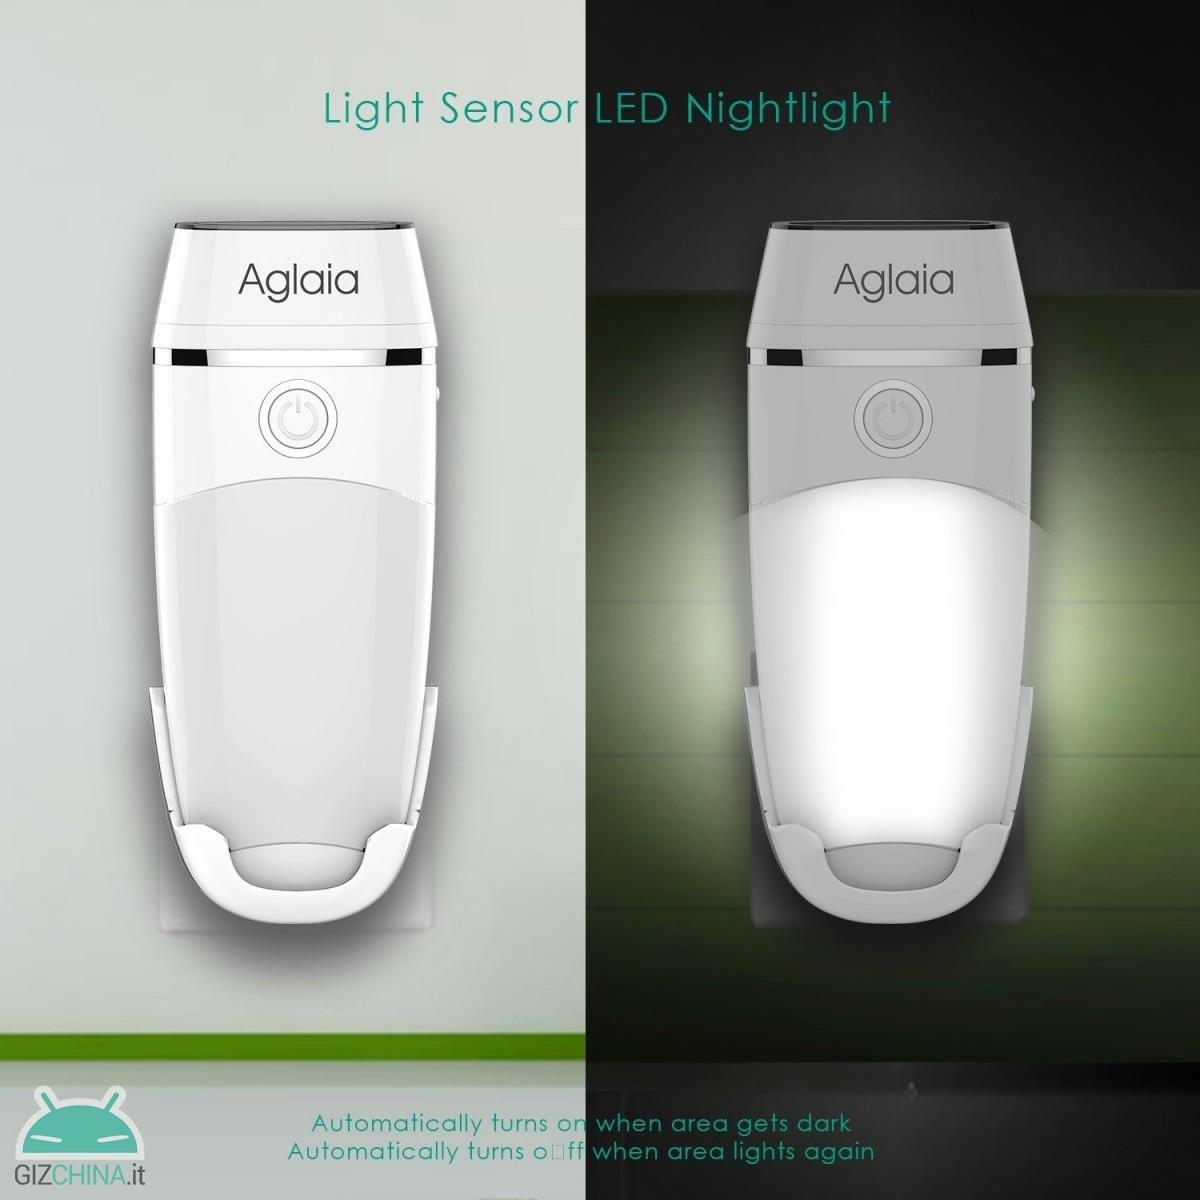 Aglaia LED Lâmpada Noturna